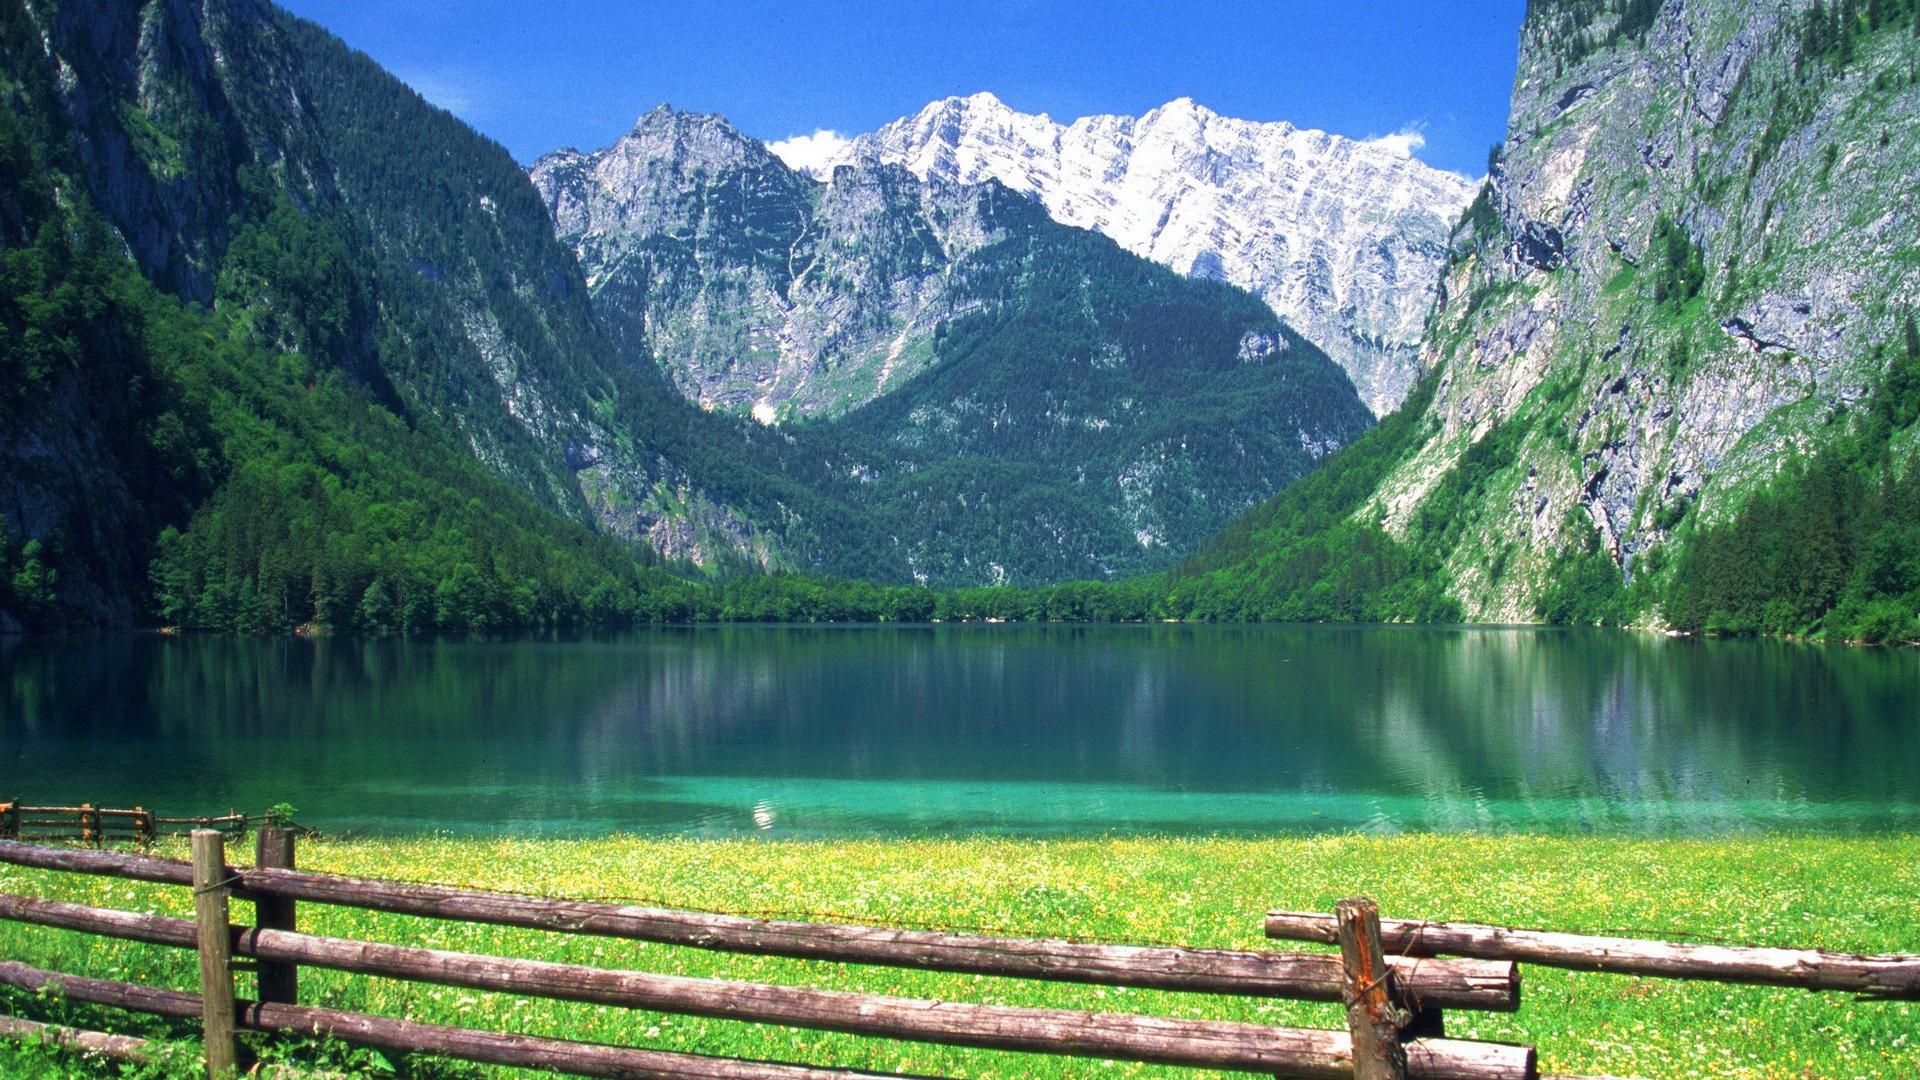 http://img-fotki.yandex.ru/get/6208/39799969.21/0_759af_8d1b3926_orig.jpg